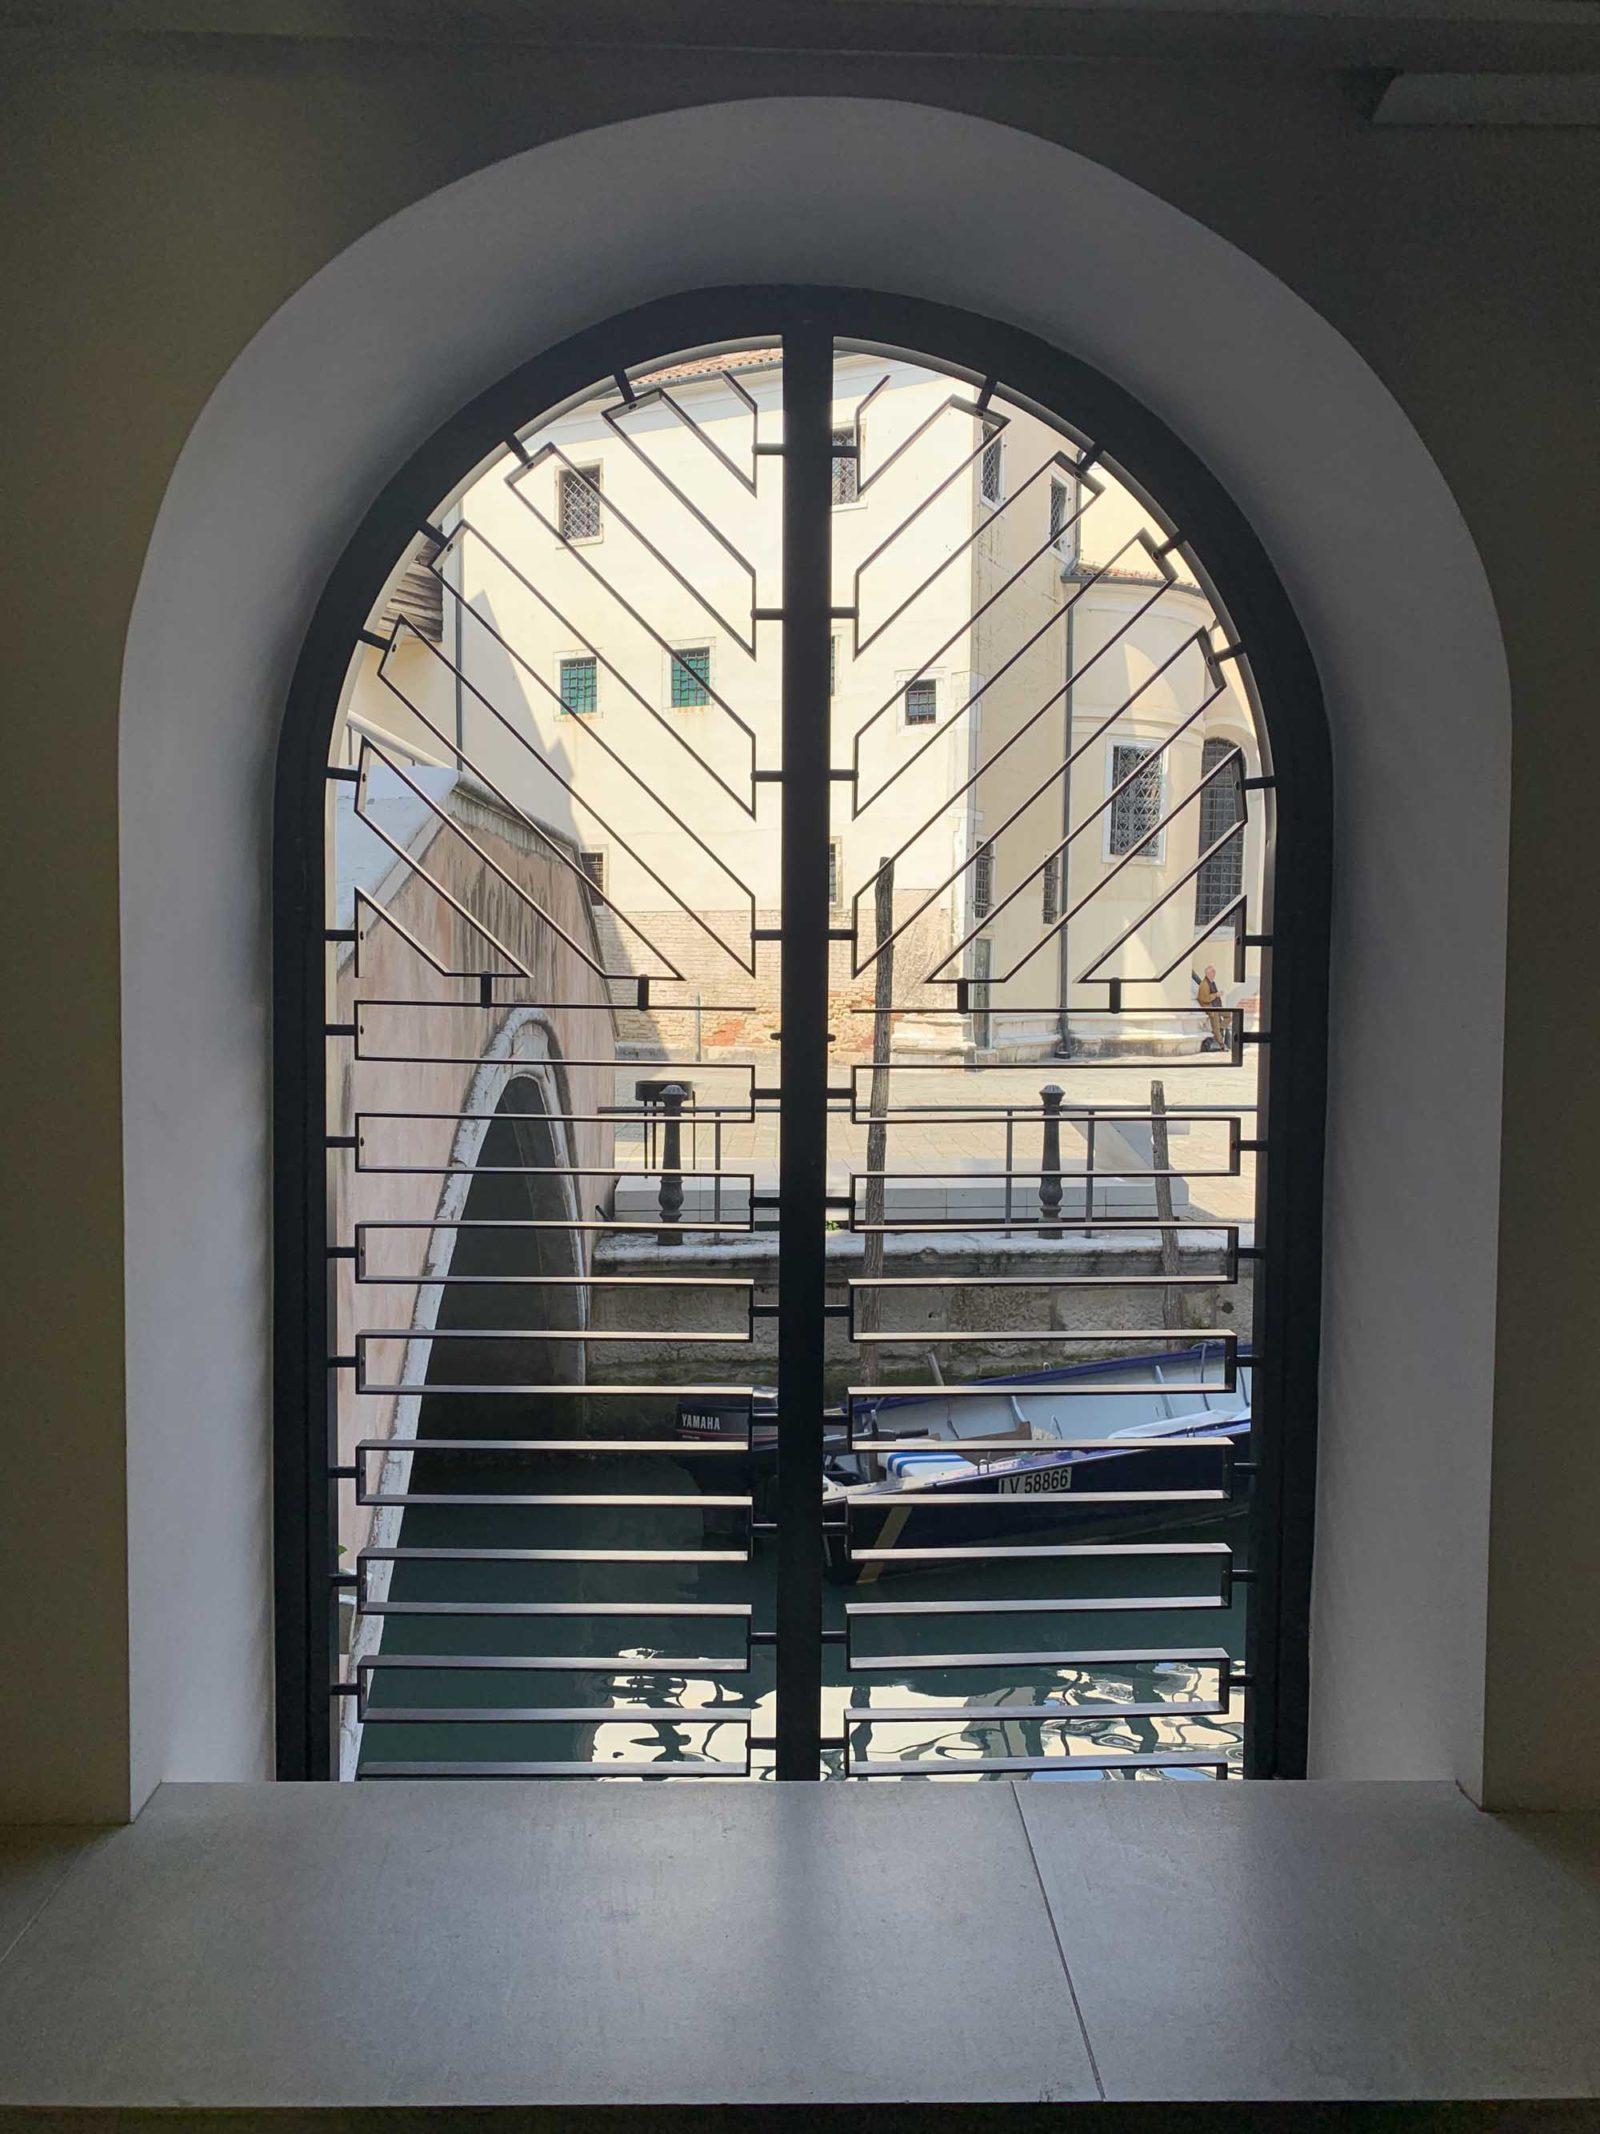 Scarpa wing at Fondazione Querini Stampalia, Venice